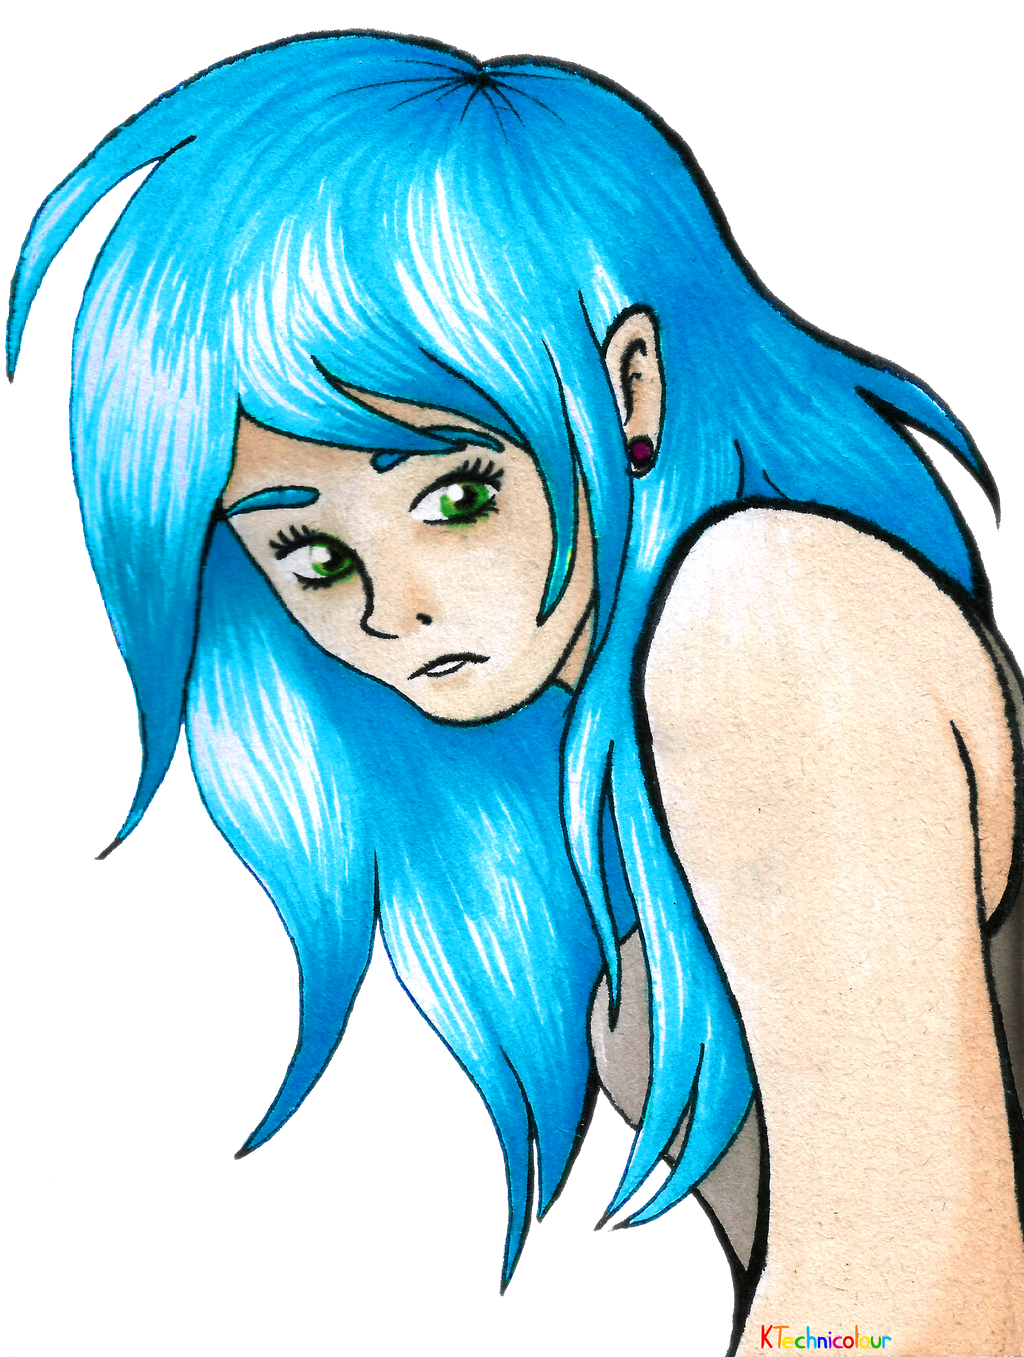 Blue Hair by KTechnicolour